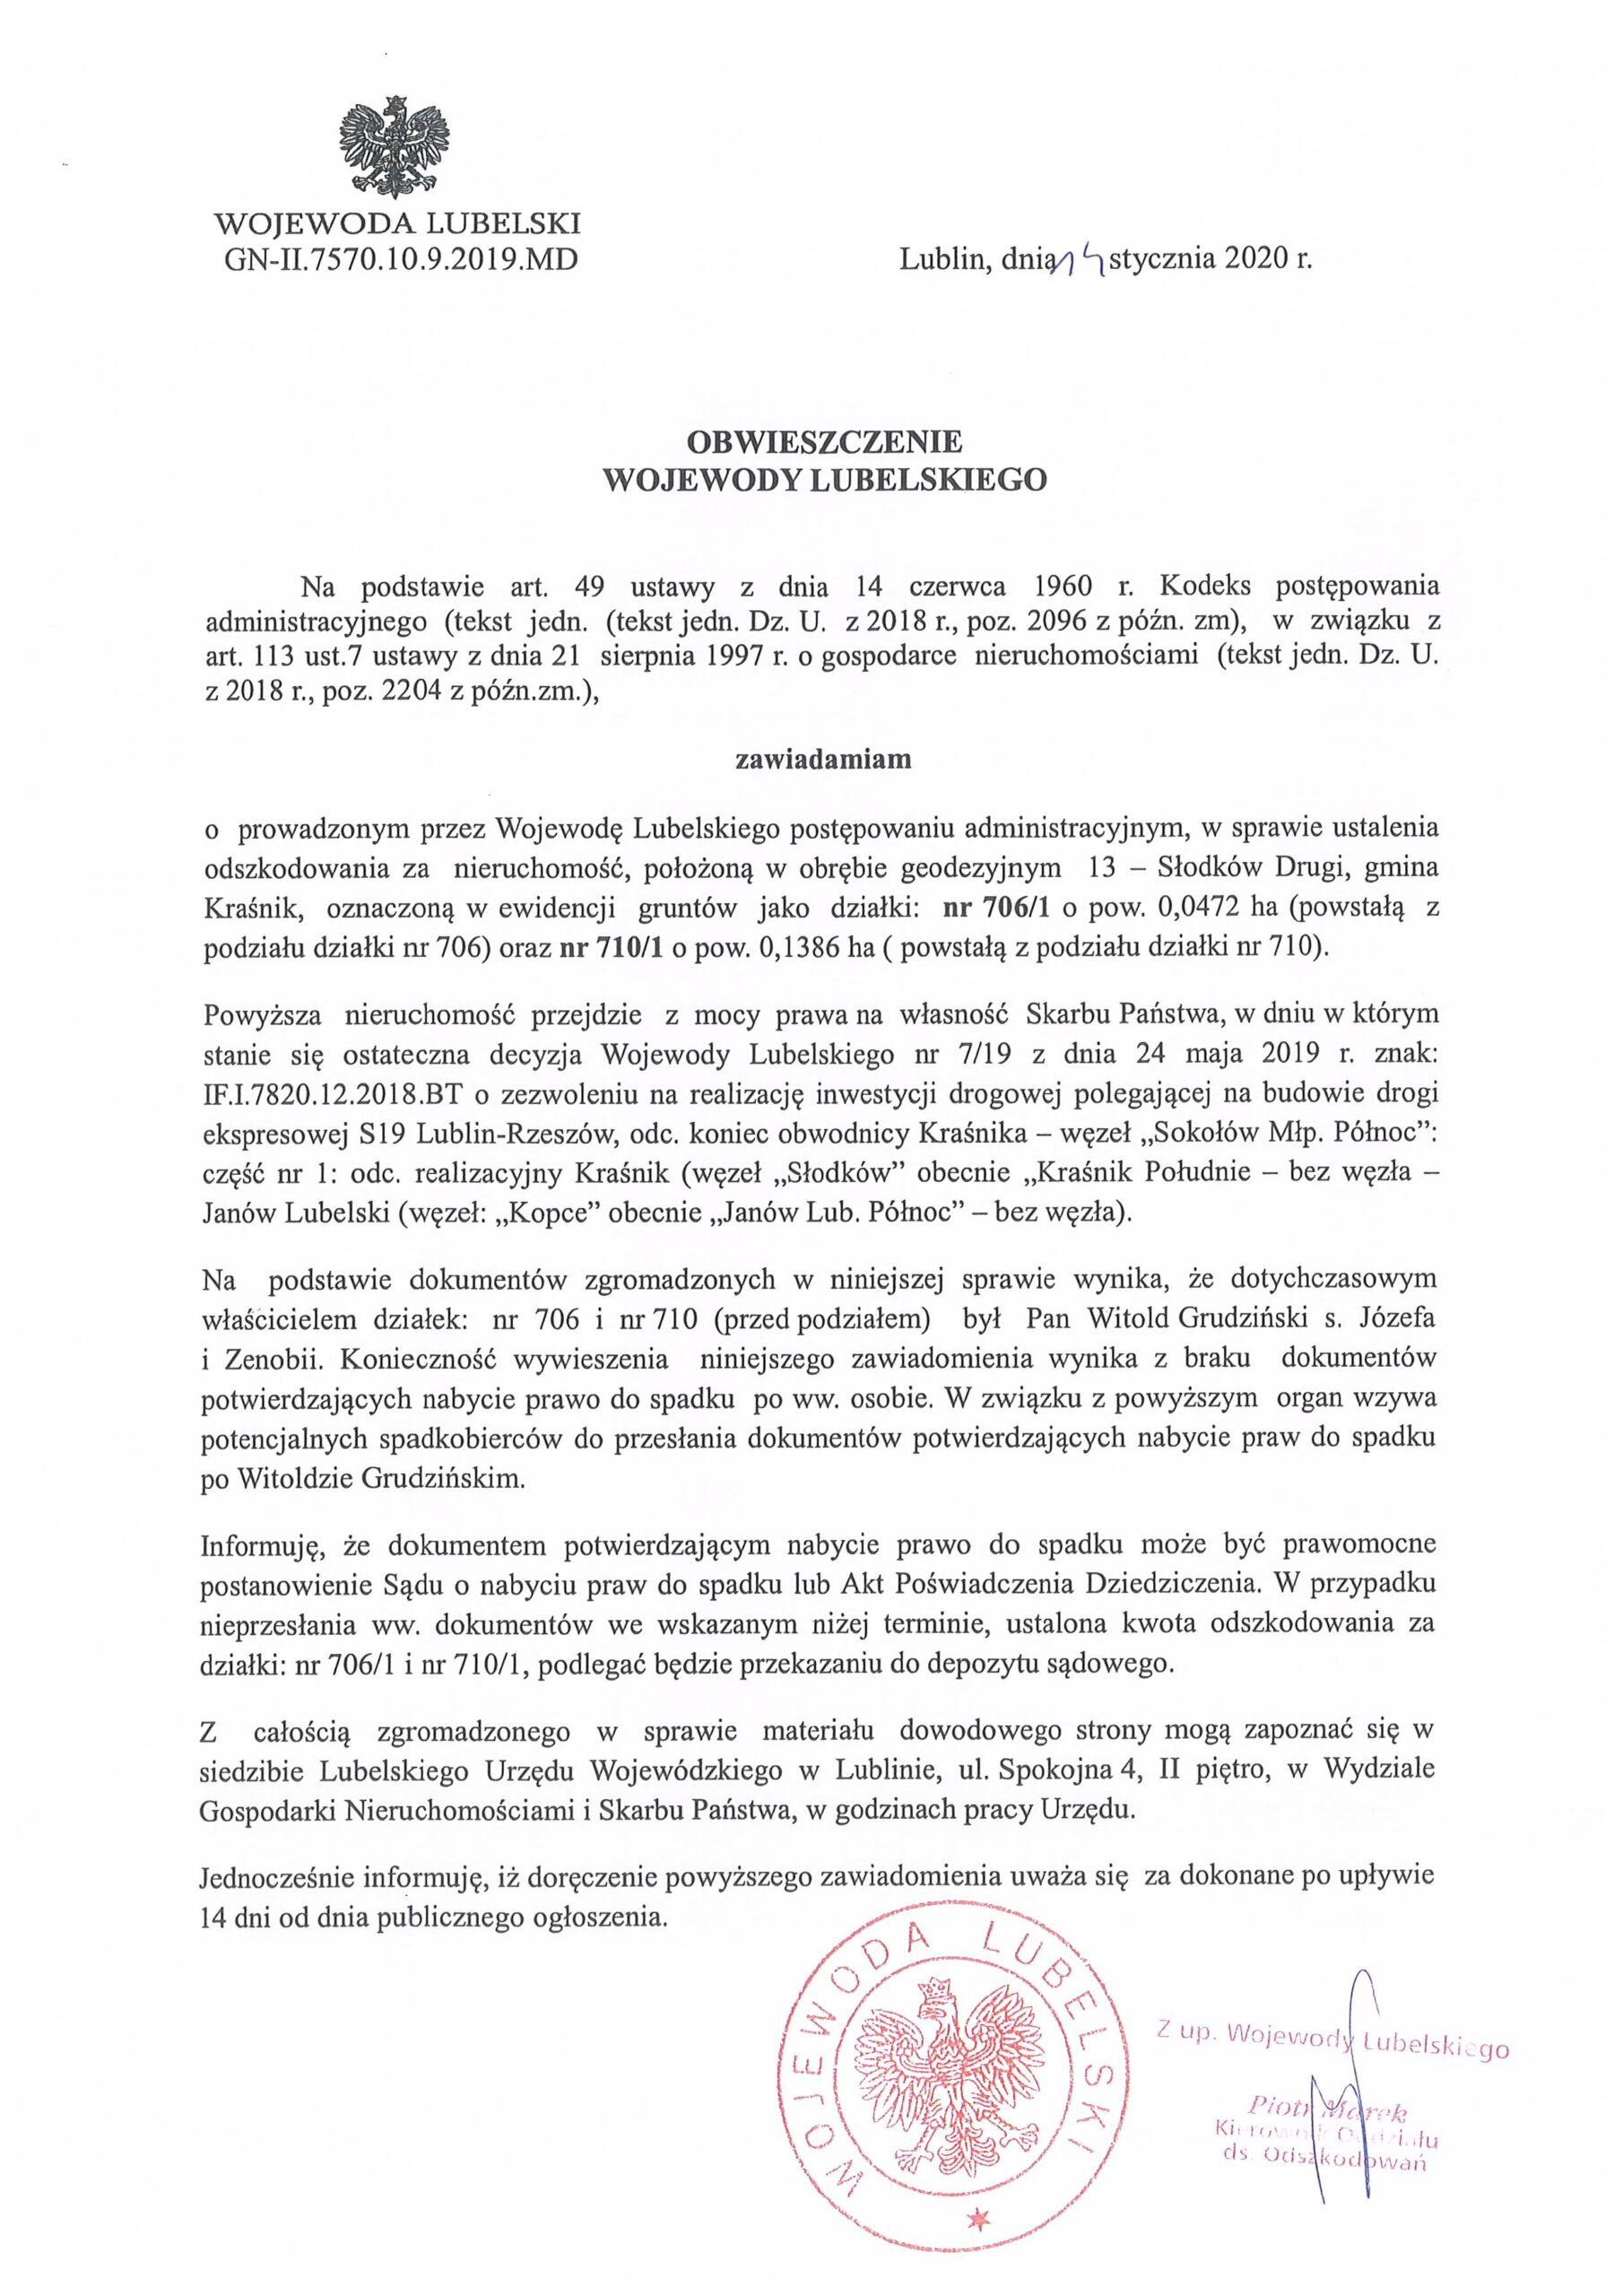 Obwieszczenie Wojewody Lubelskiego scaled